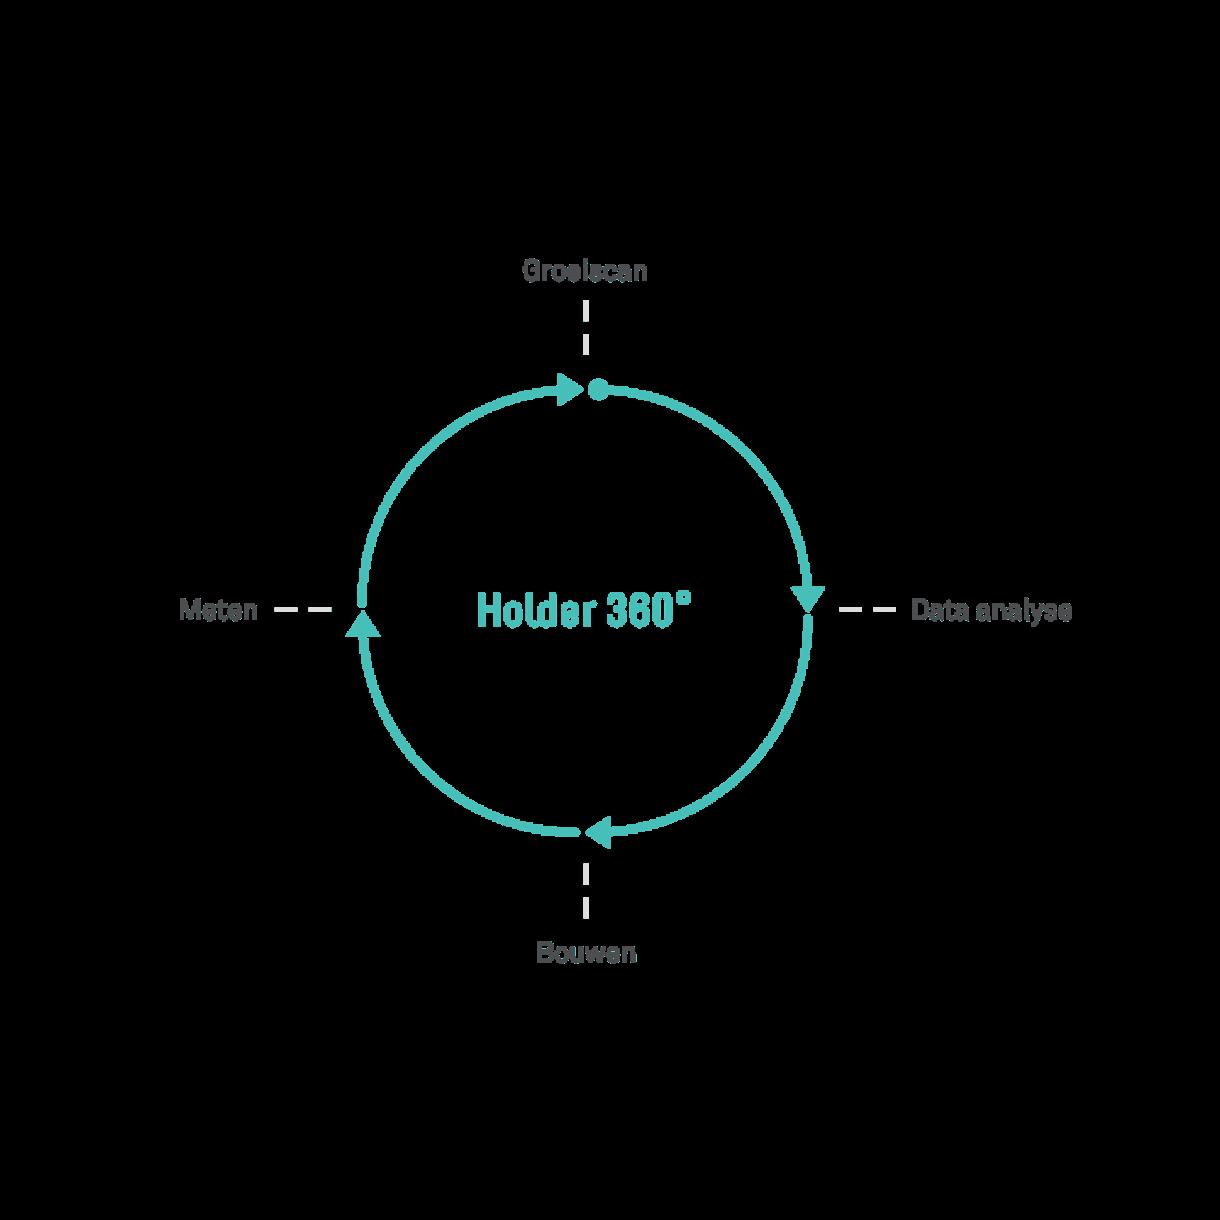 De Holder productscan | Holder